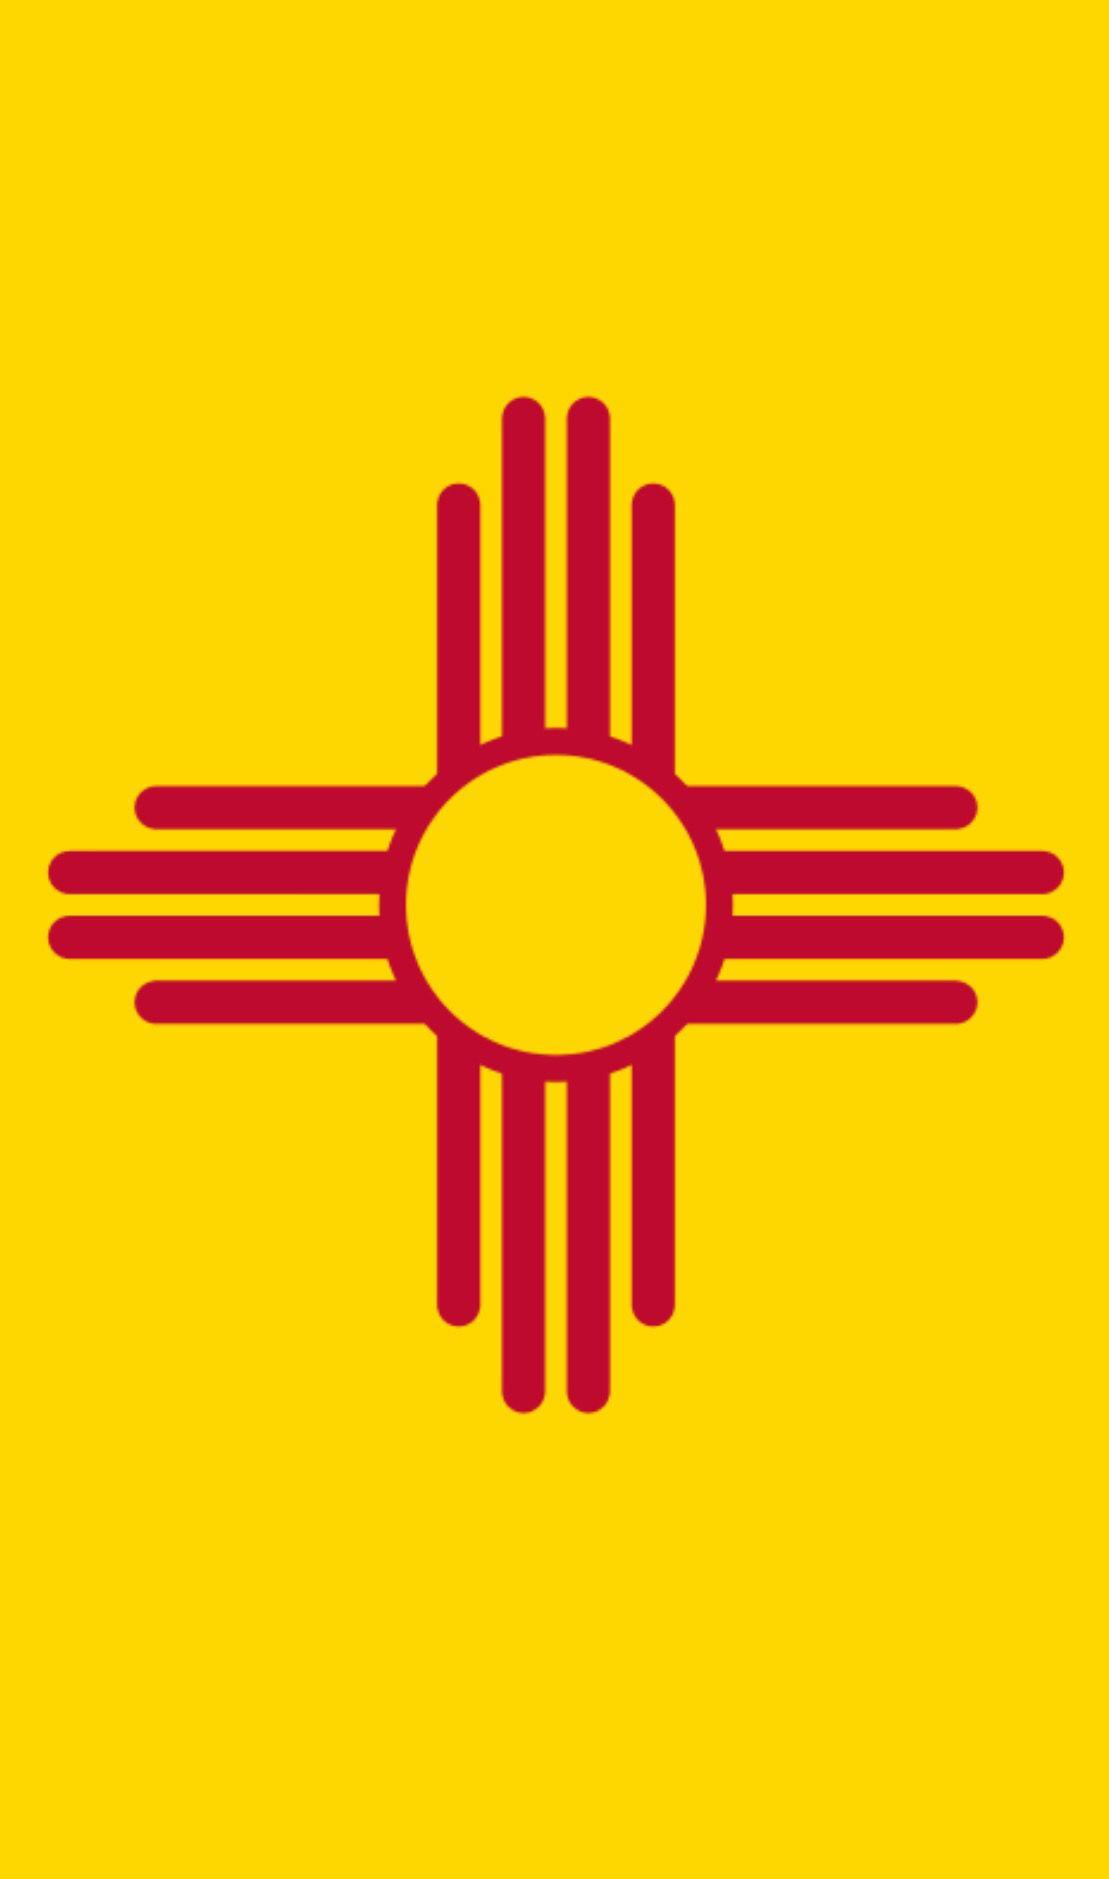 099c9d2a59c Zia sun symbol American State Flags